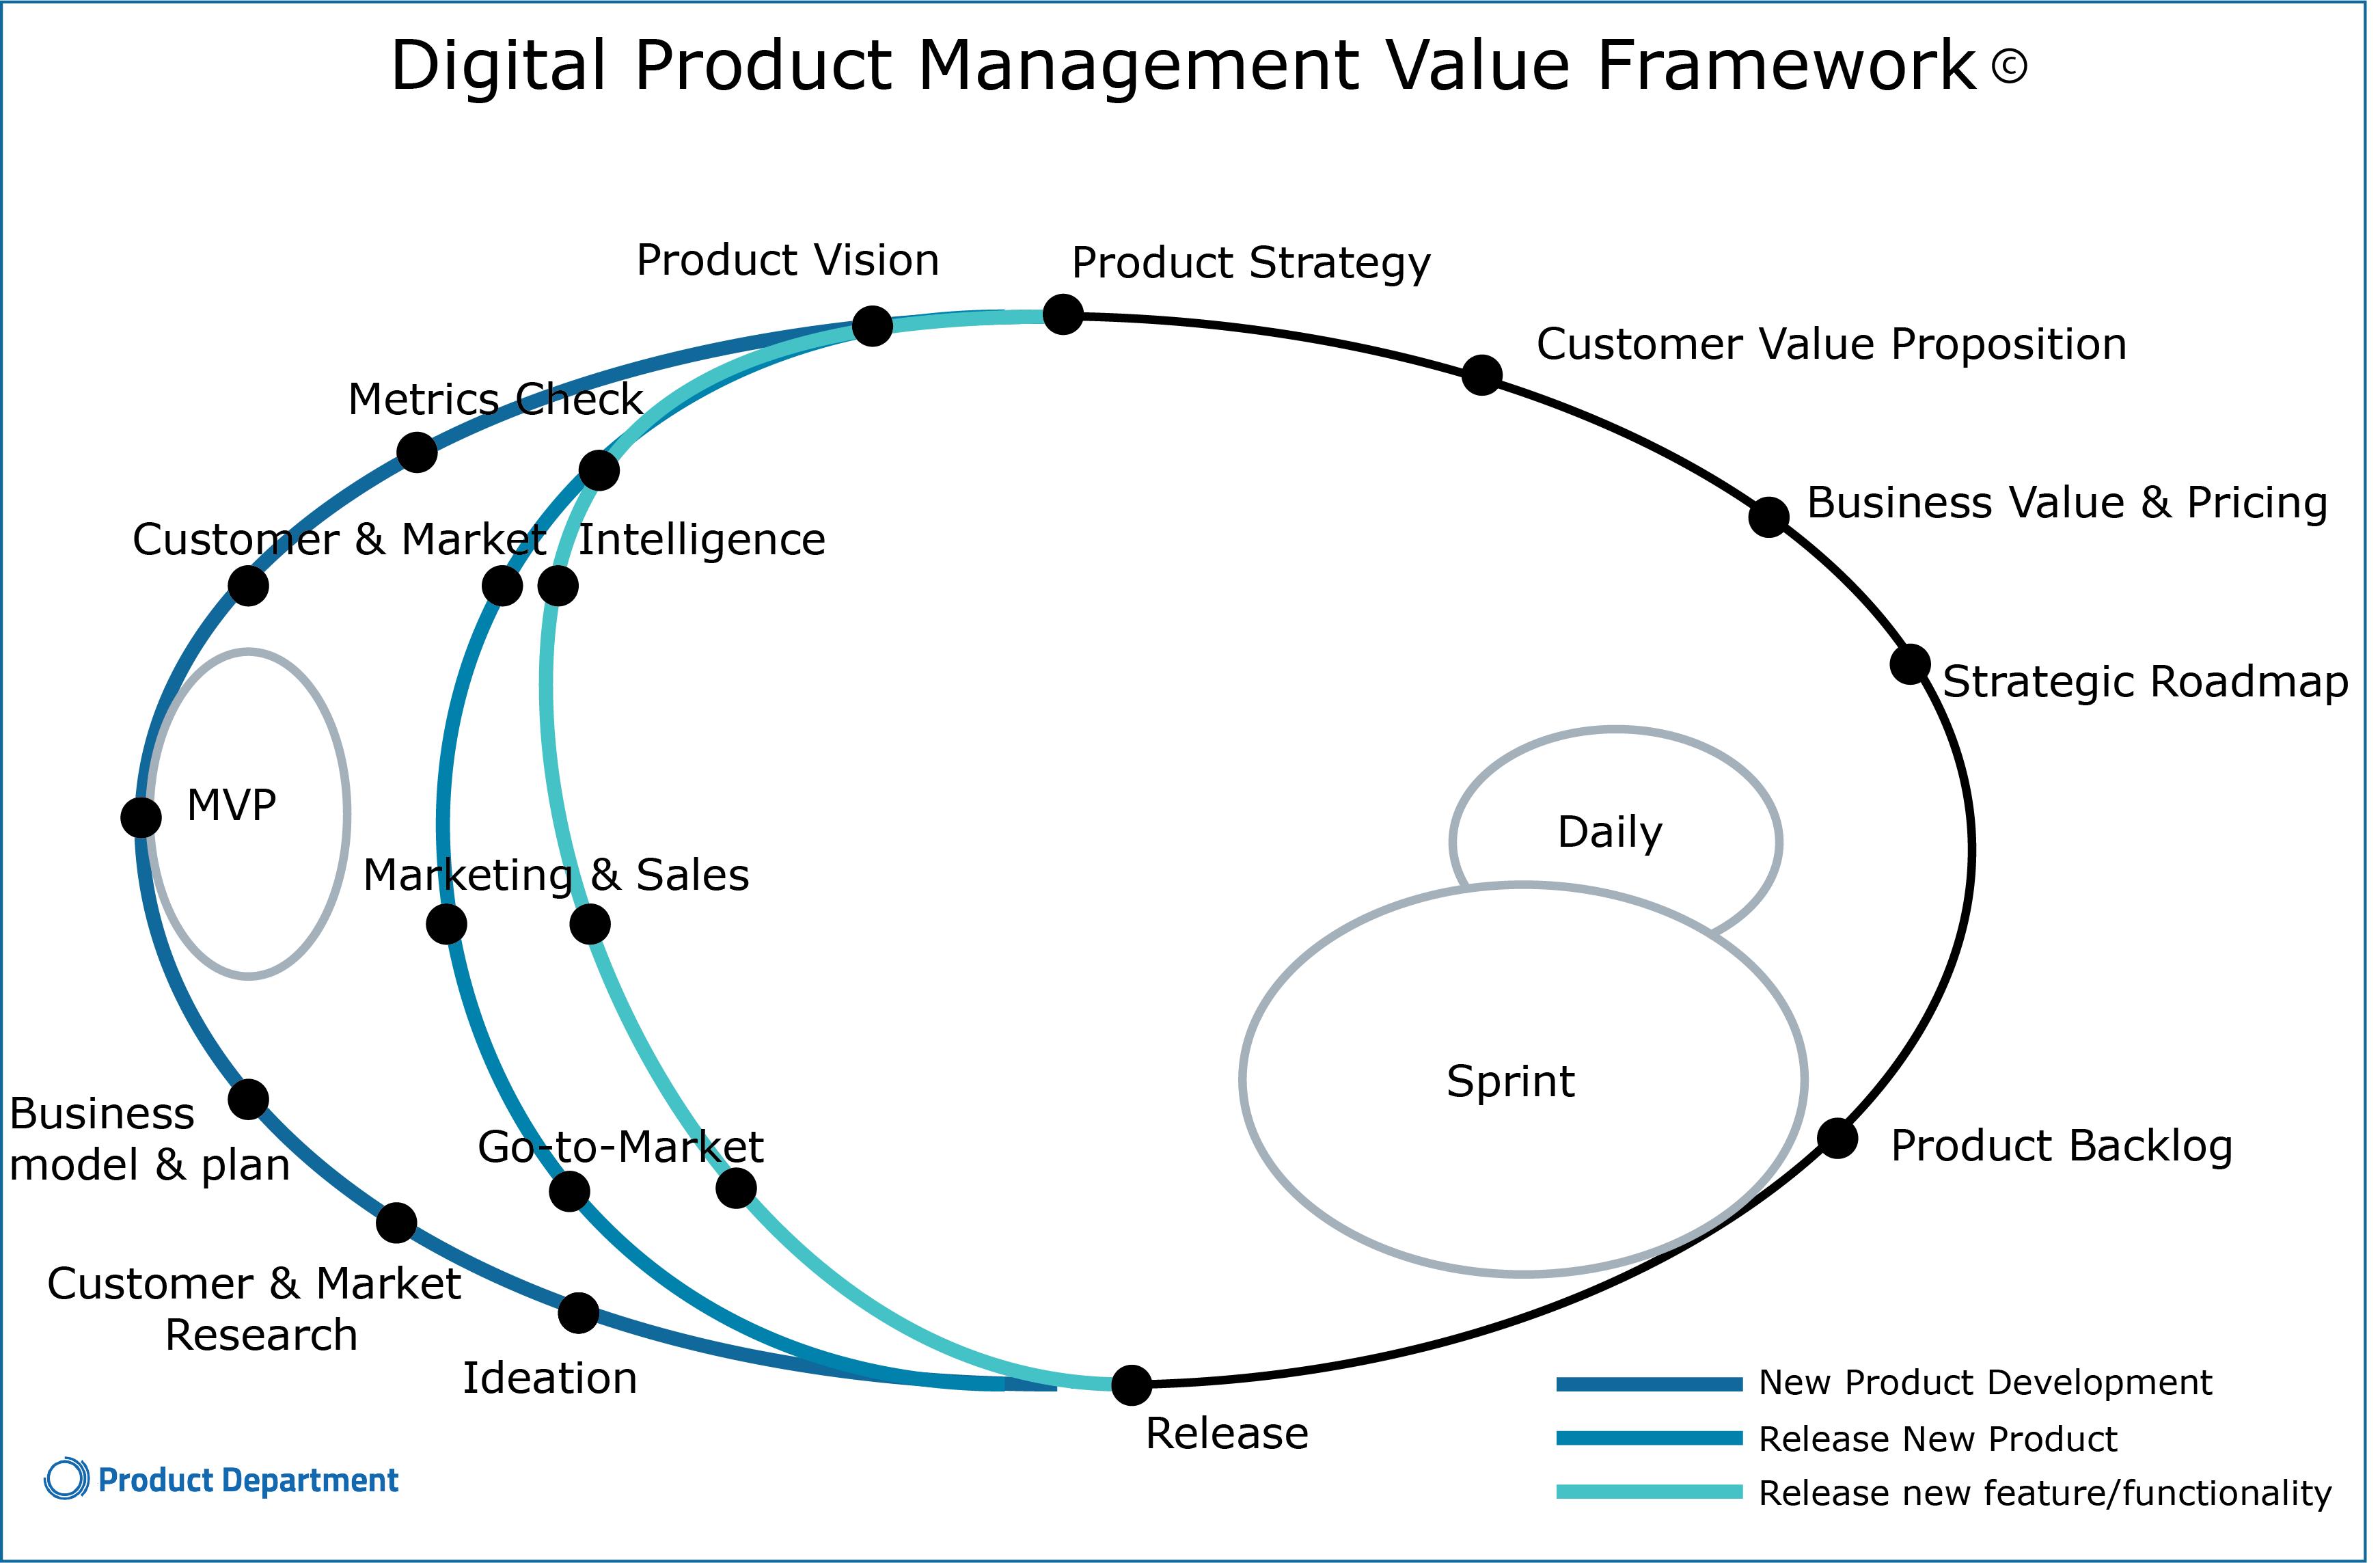 Afbeelding Digital Product Management Framework